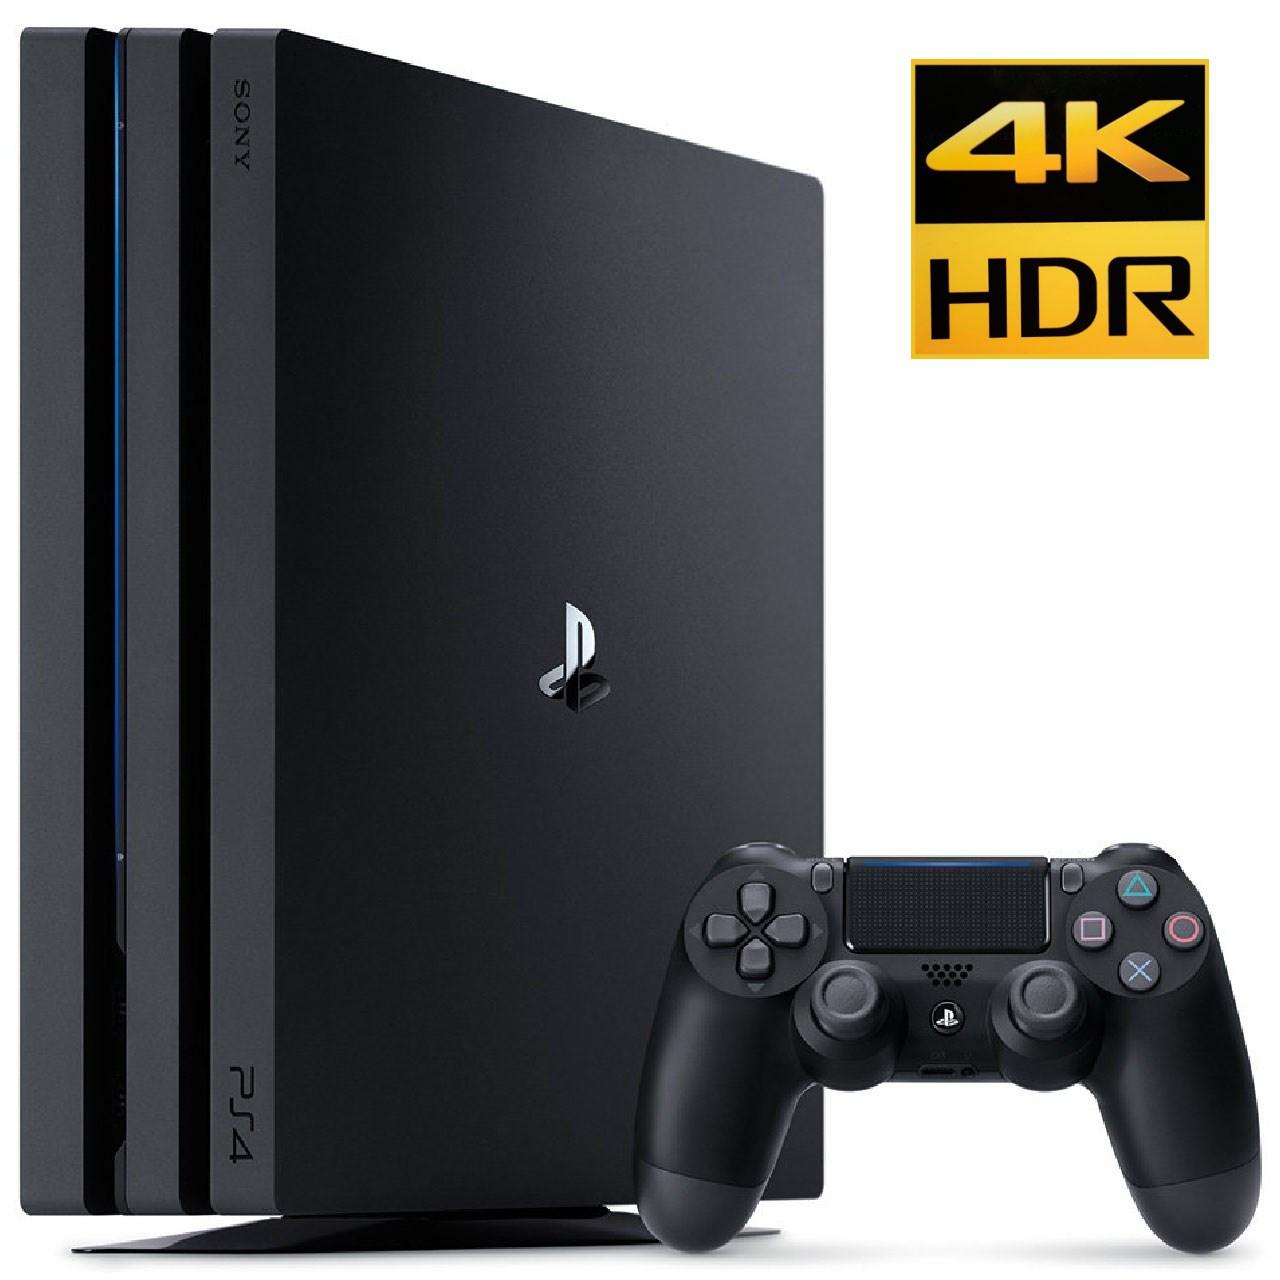 خرید                     کنسول بازی سونی مدل Playstation 4 Pro ریجن 2 کد CUH-7216B ظرفیت 1 ترابایت